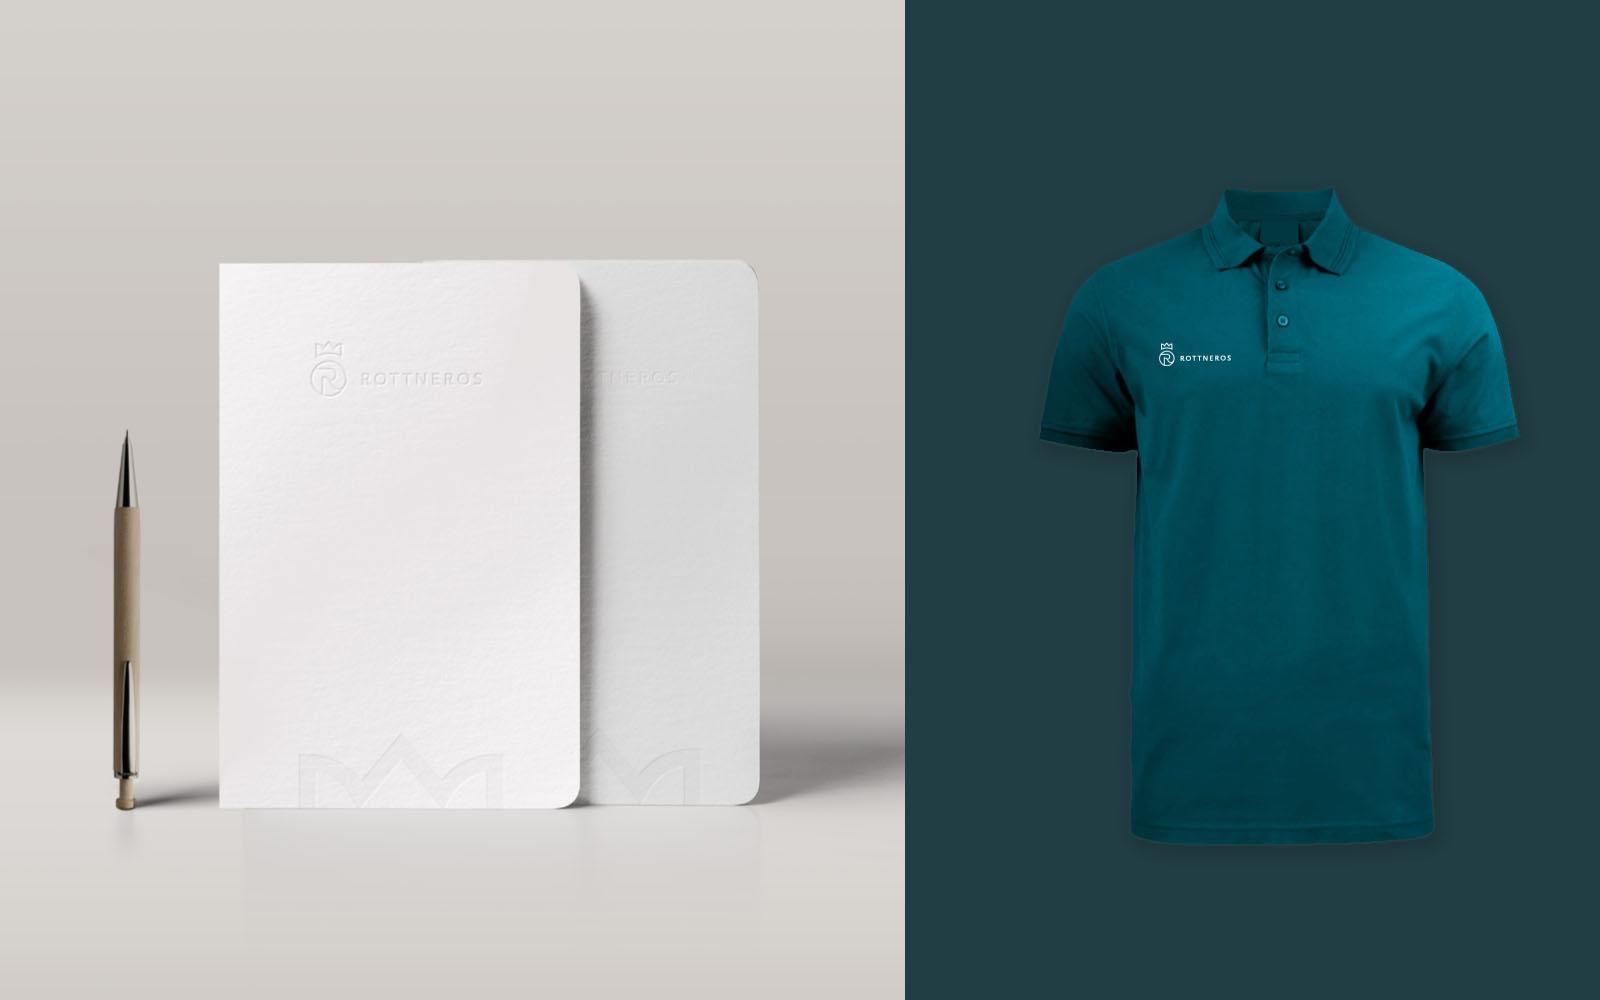 Tillämpningar på anteckningsblock och tröjor med Rottneros nya logotype